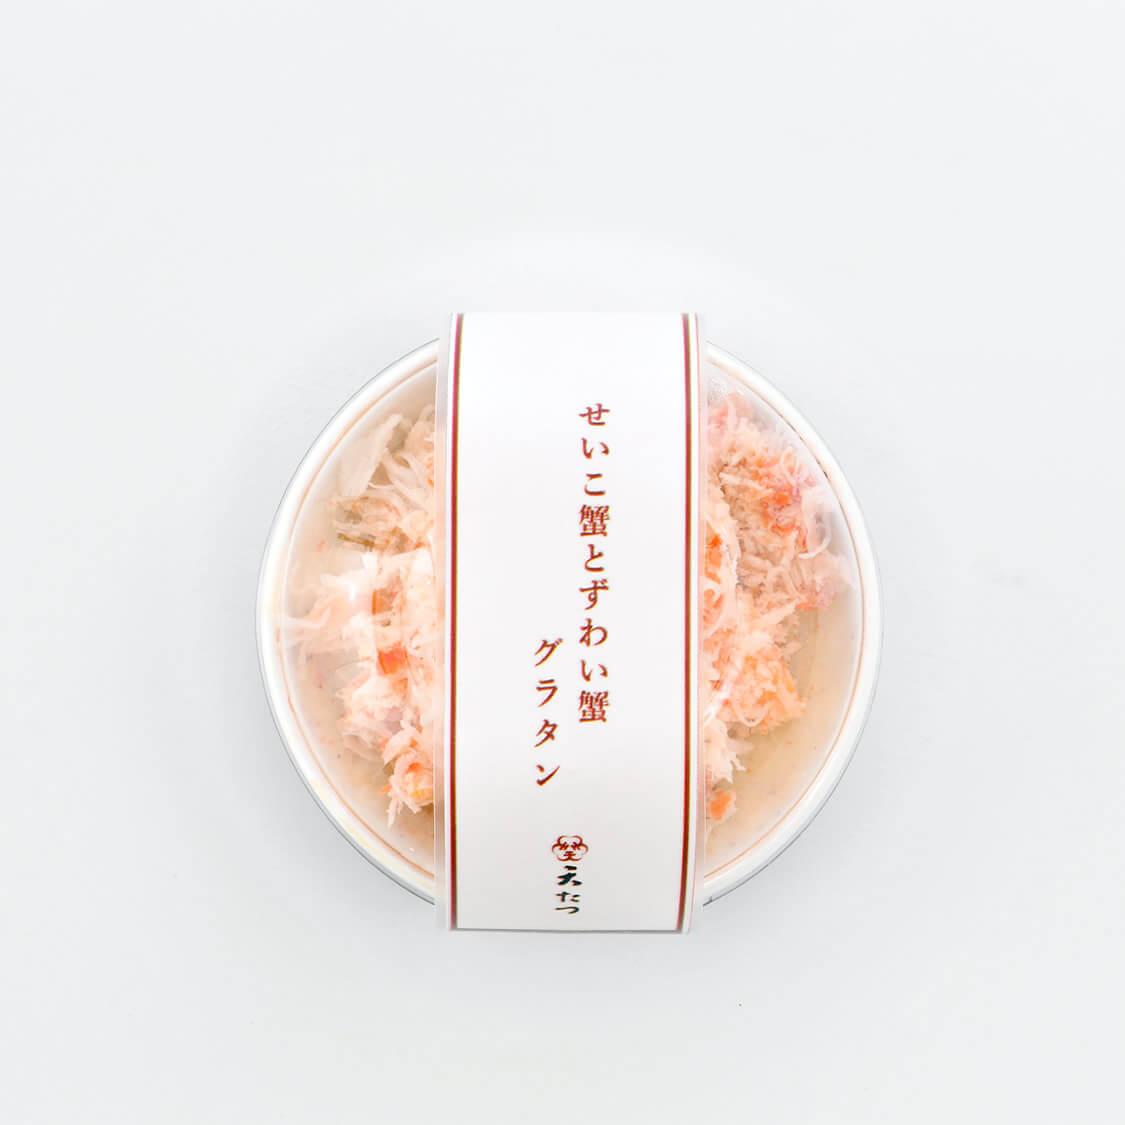 せいこ蟹とずわい蟹グラタン1食(150g)